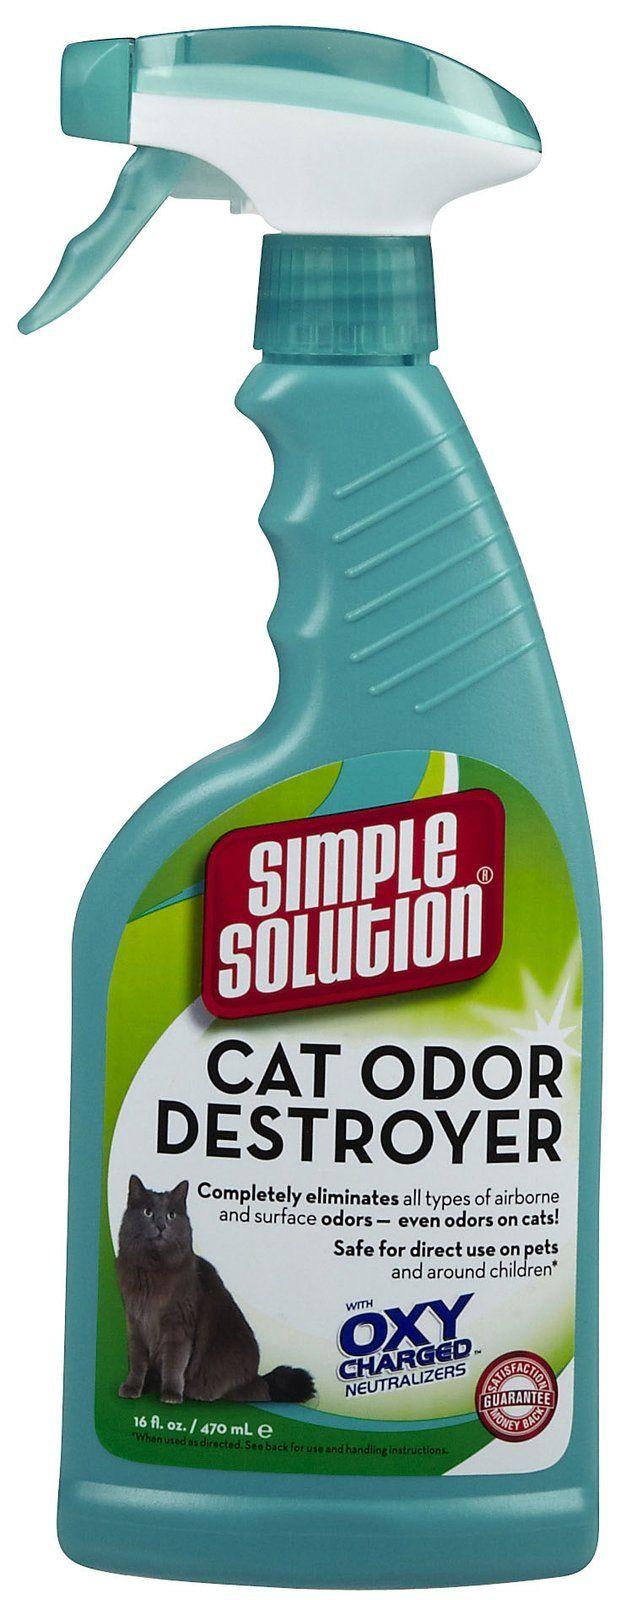 Get Rid Of Cat Odor Yay!! #odordude Odordude